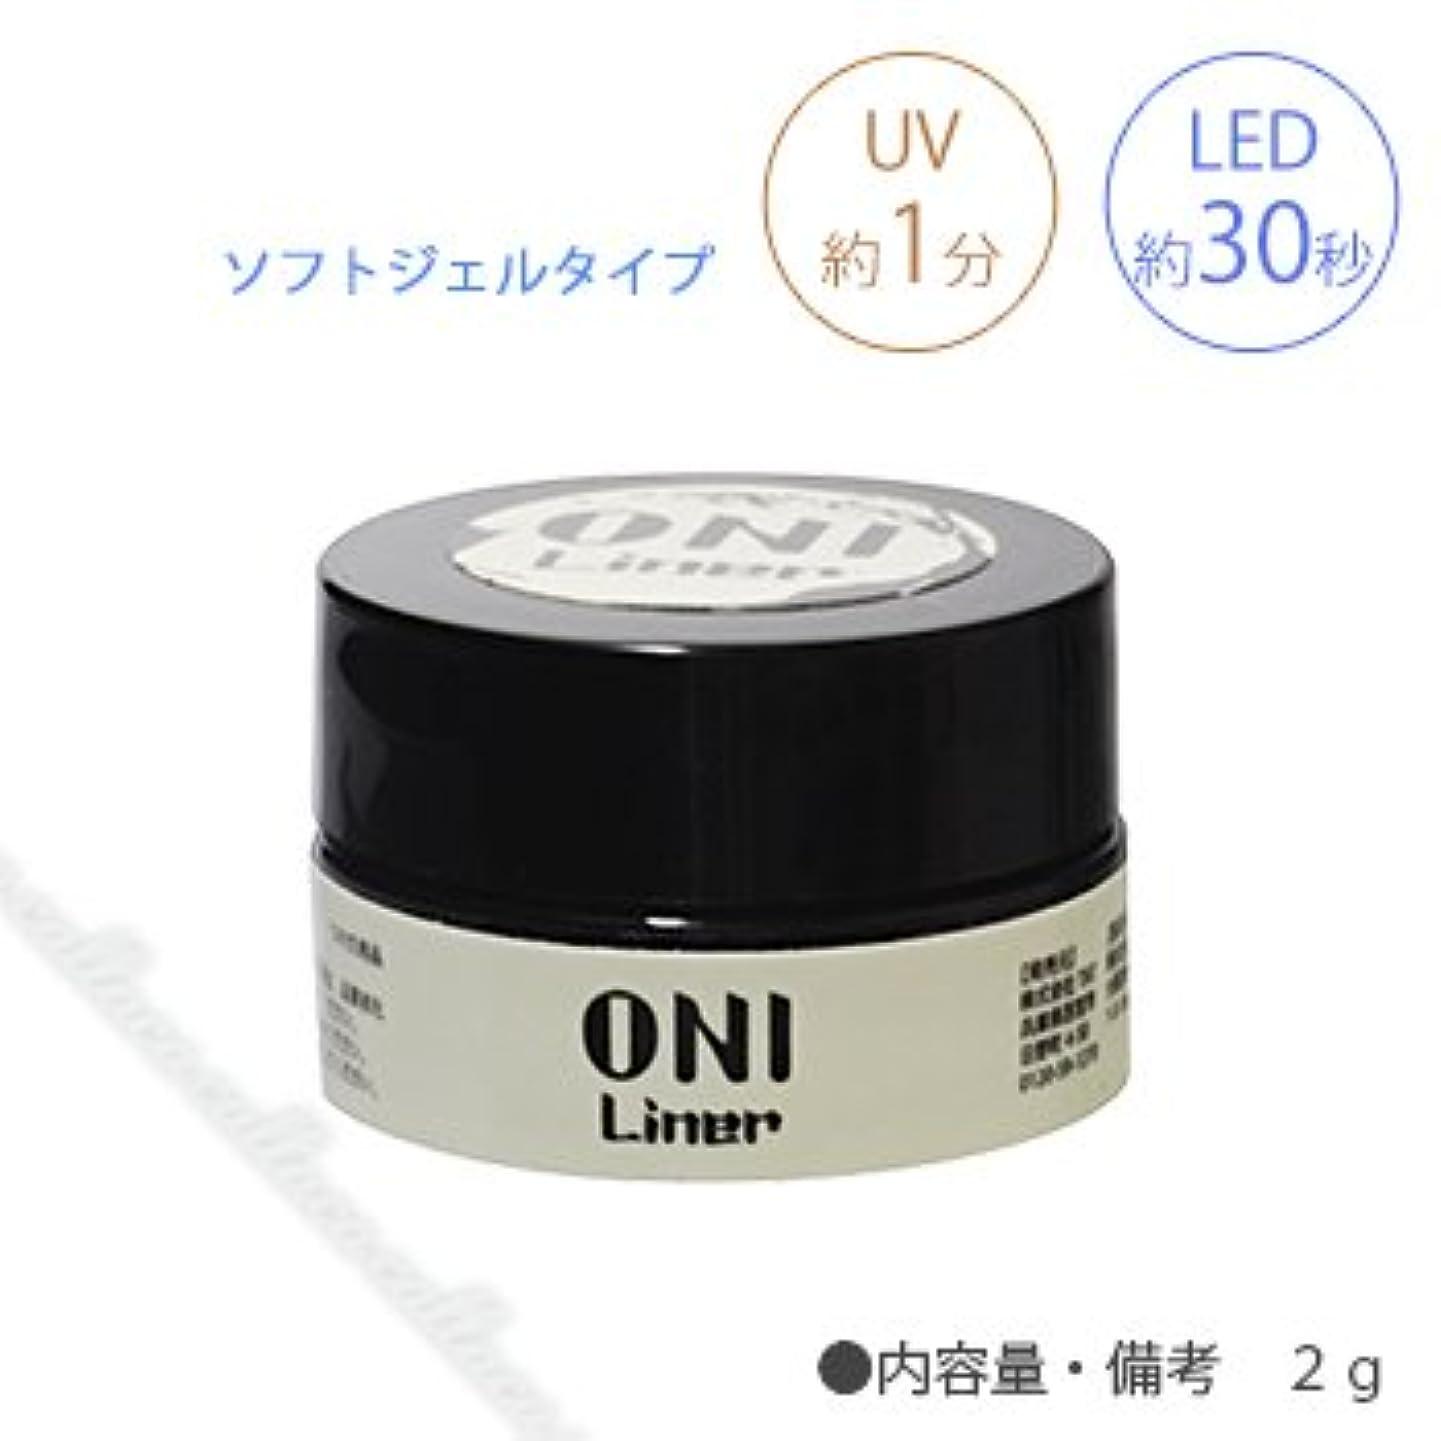 プリーツ適応聴覚障害者ONI Liner (オニライナー) オフホワイト 2g